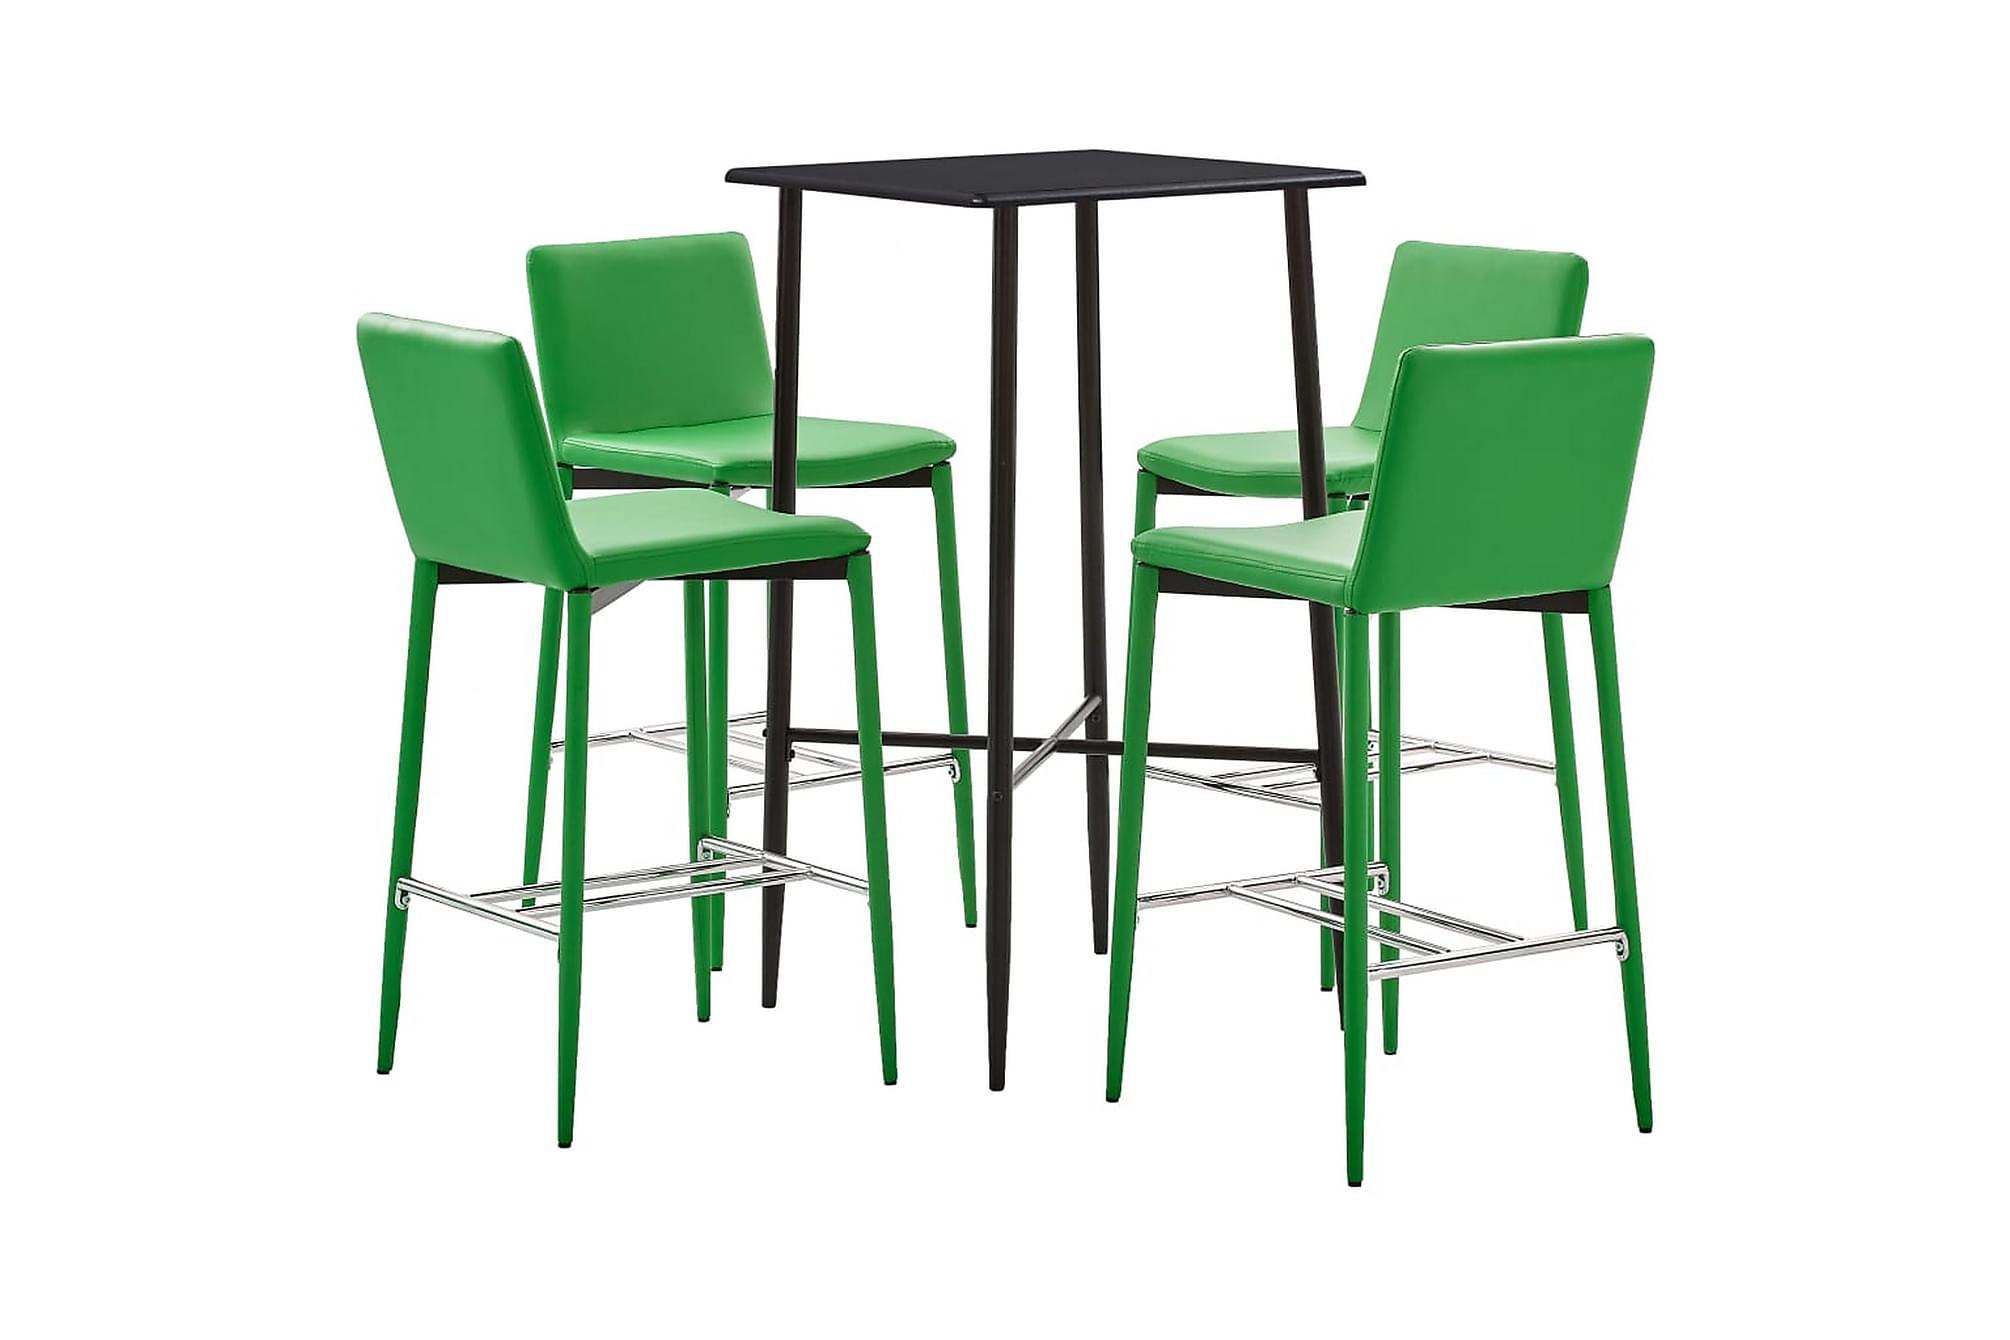 Bargrupp 5 delar konstläder grön